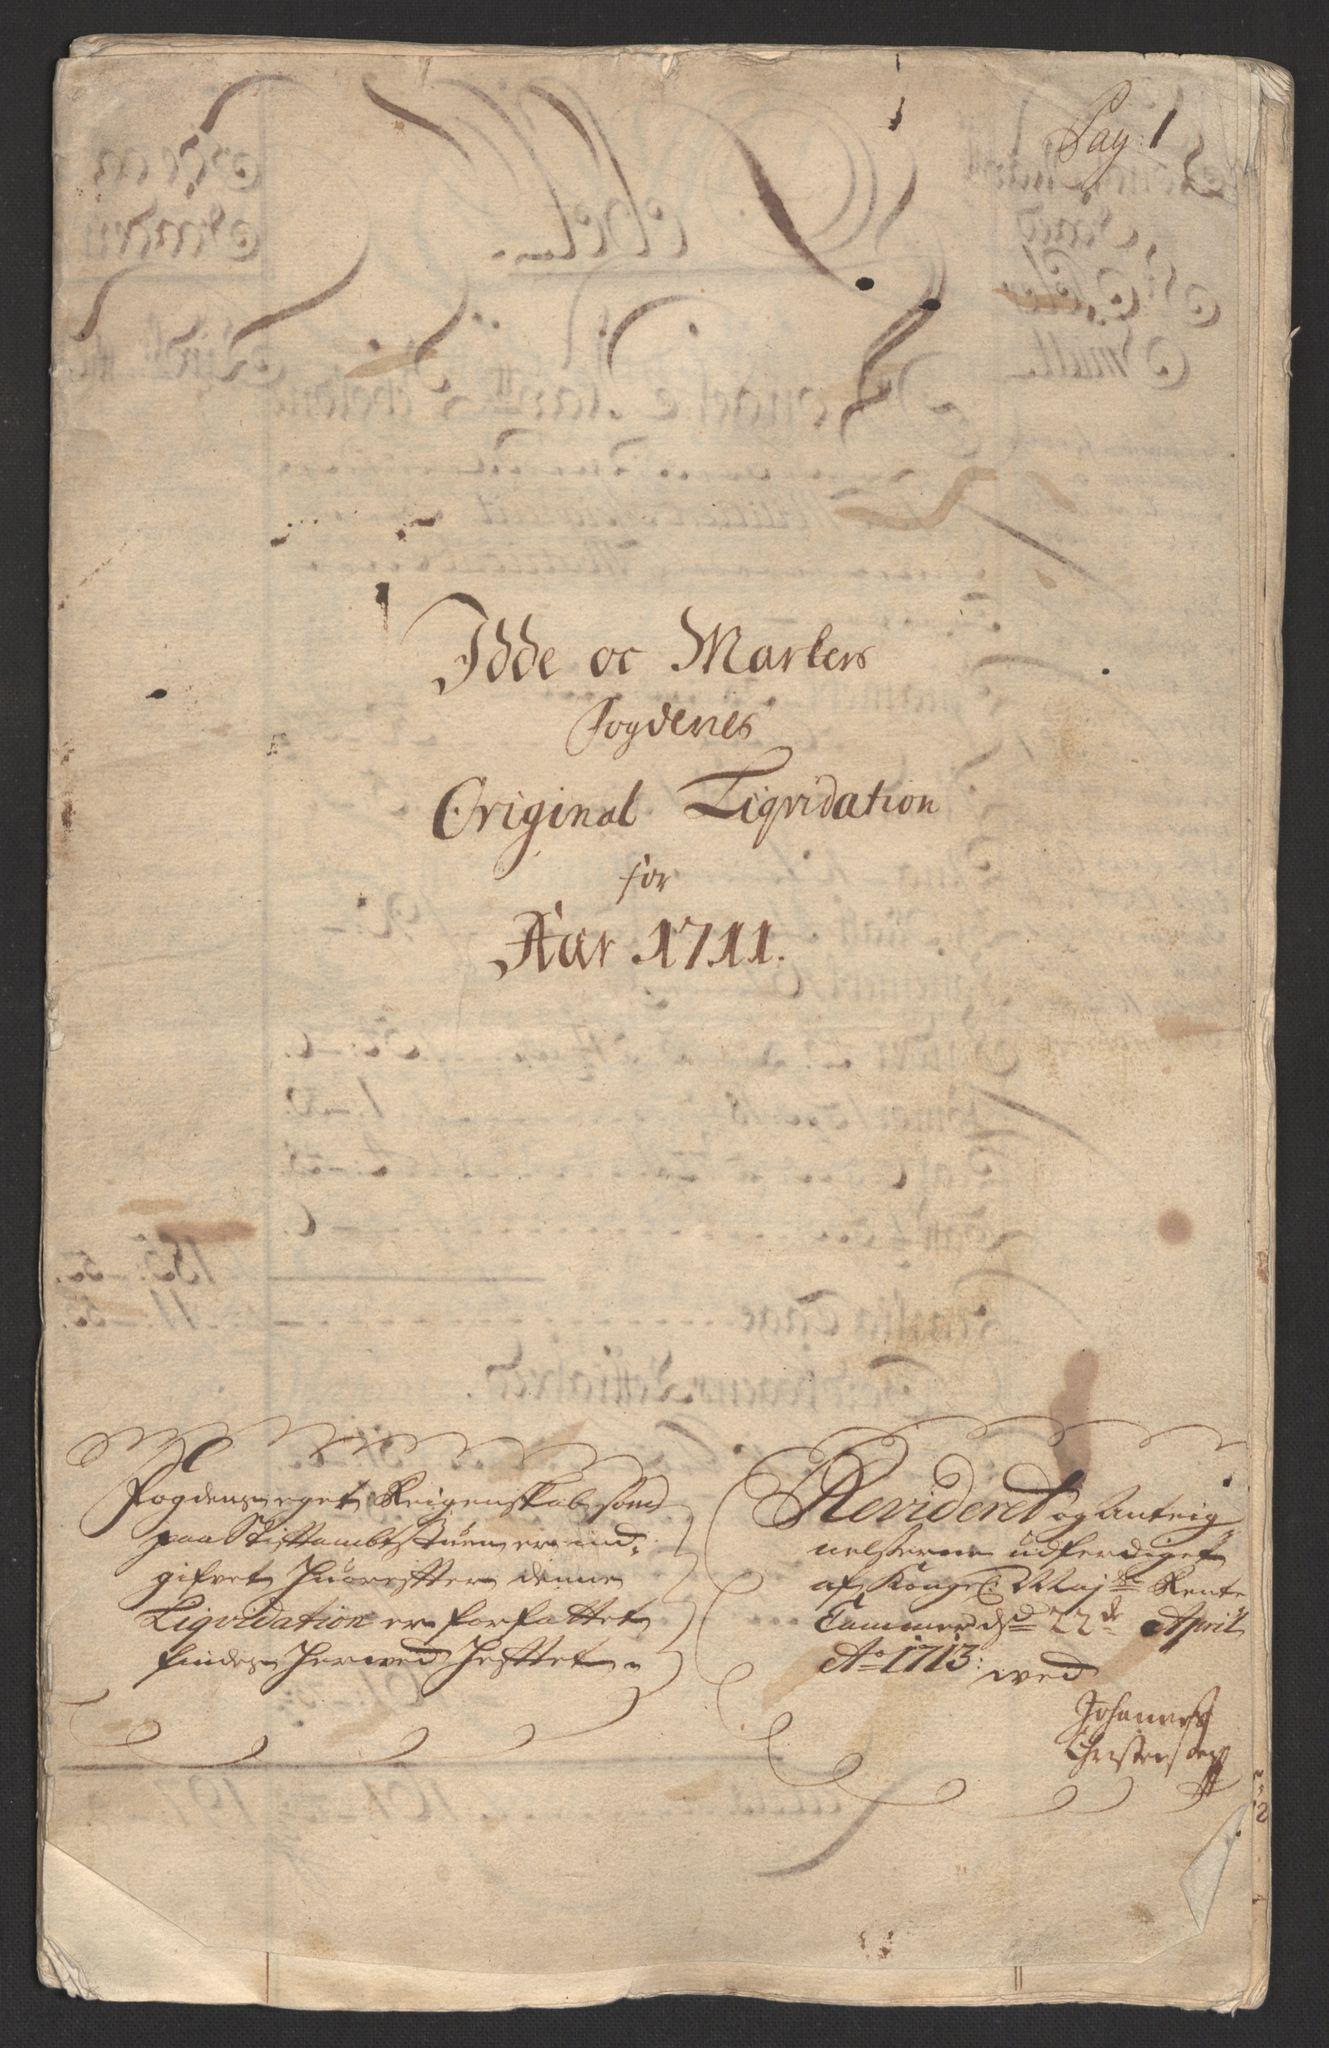 RA, Rentekammeret inntil 1814, Reviderte regnskaper, Fogderegnskap, R01/L0020: Fogderegnskap Idd og Marker, 1711, s. 3